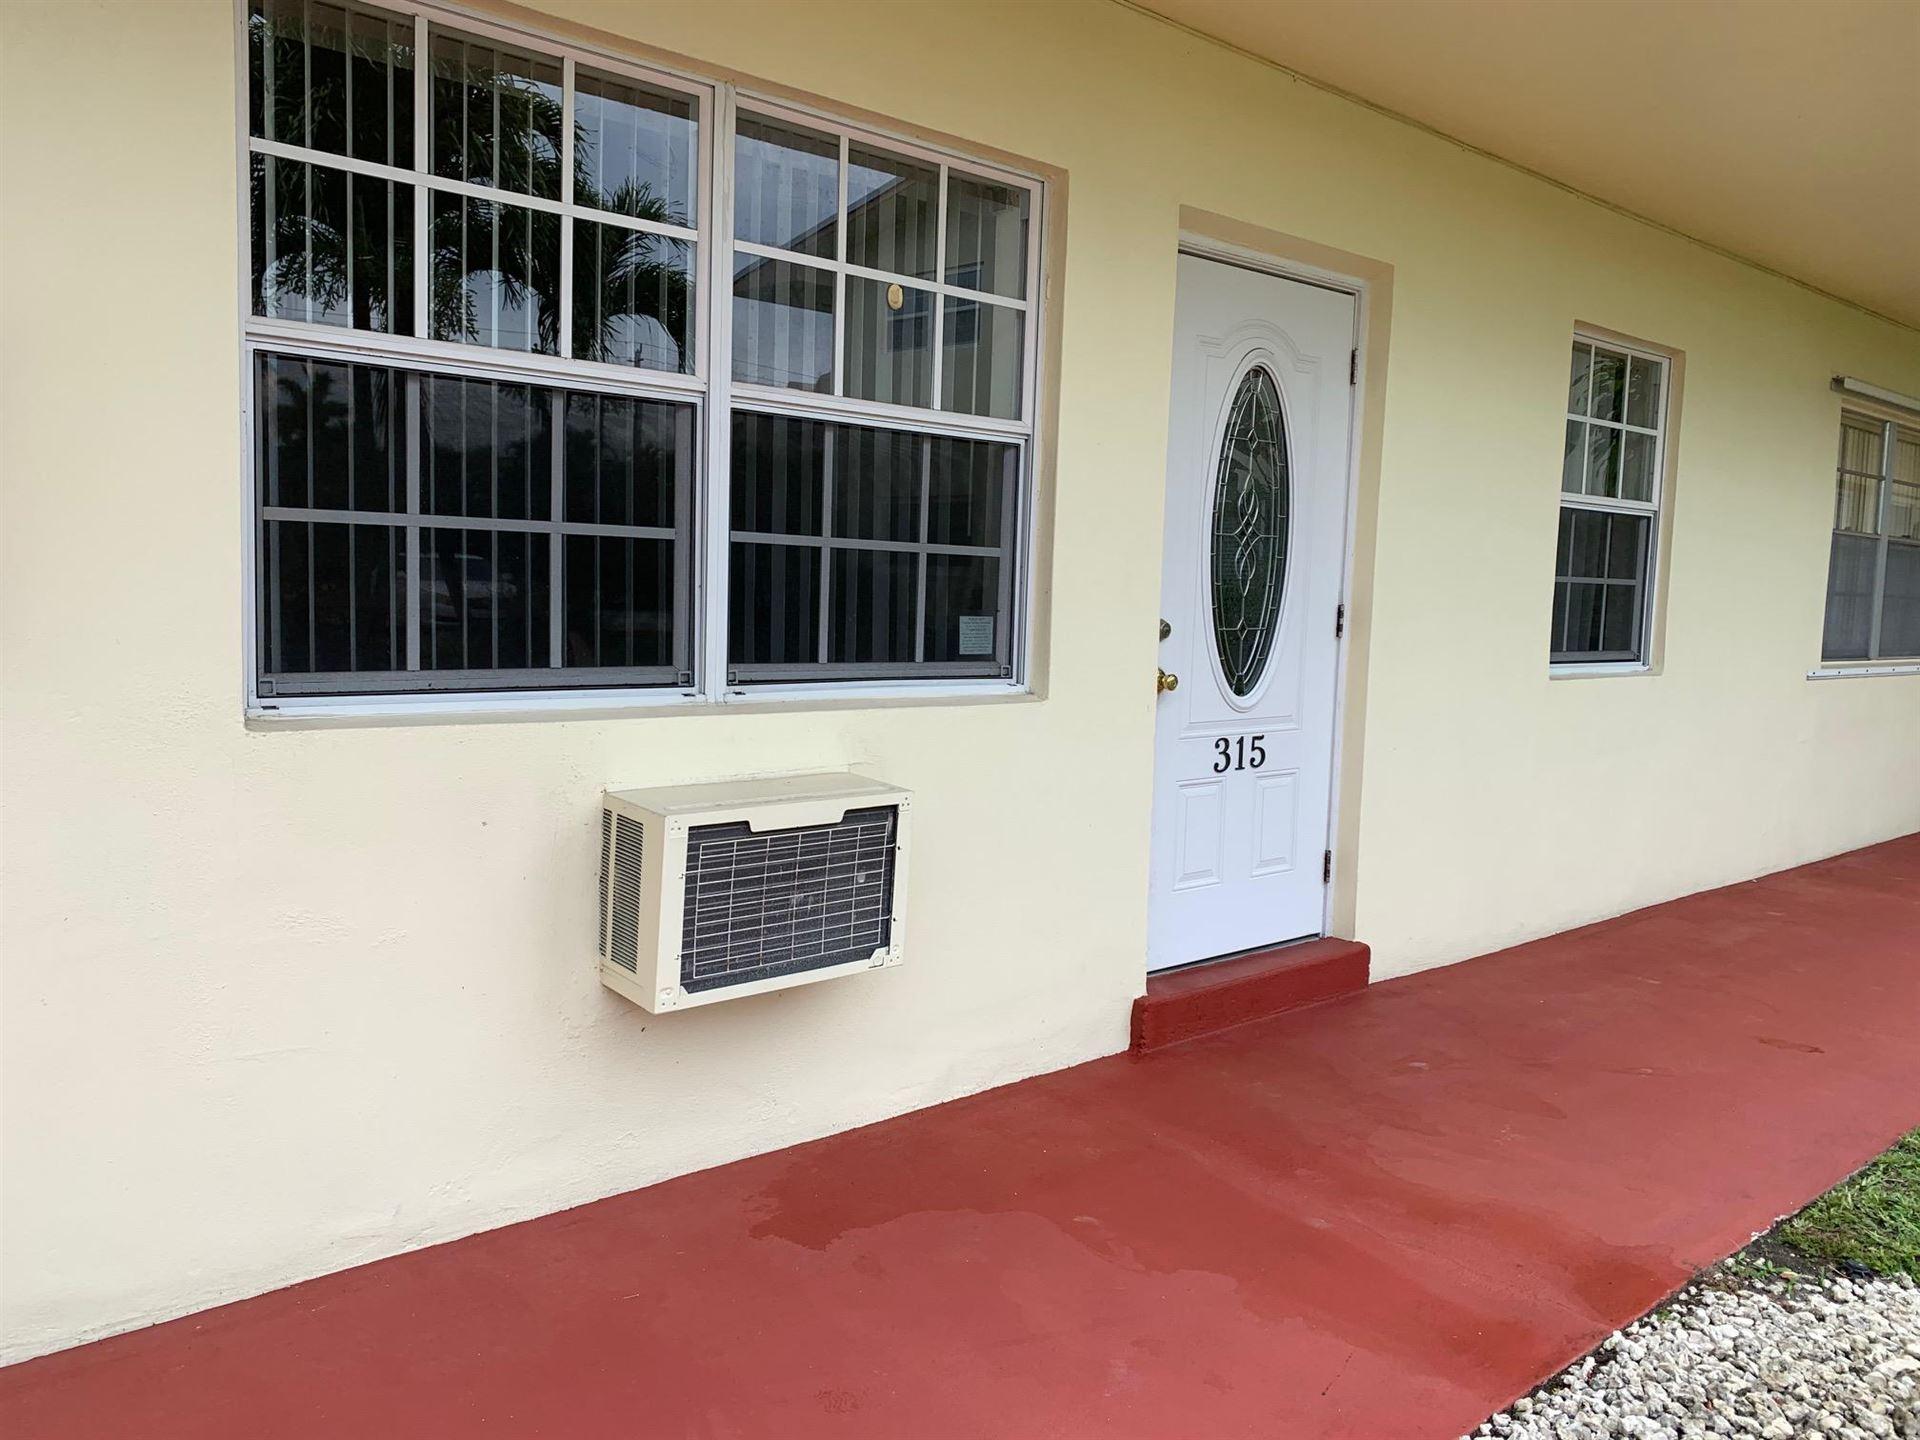 315 Norwich N, West Palm Beach, FL 33417 - MLS#: RX-10716848